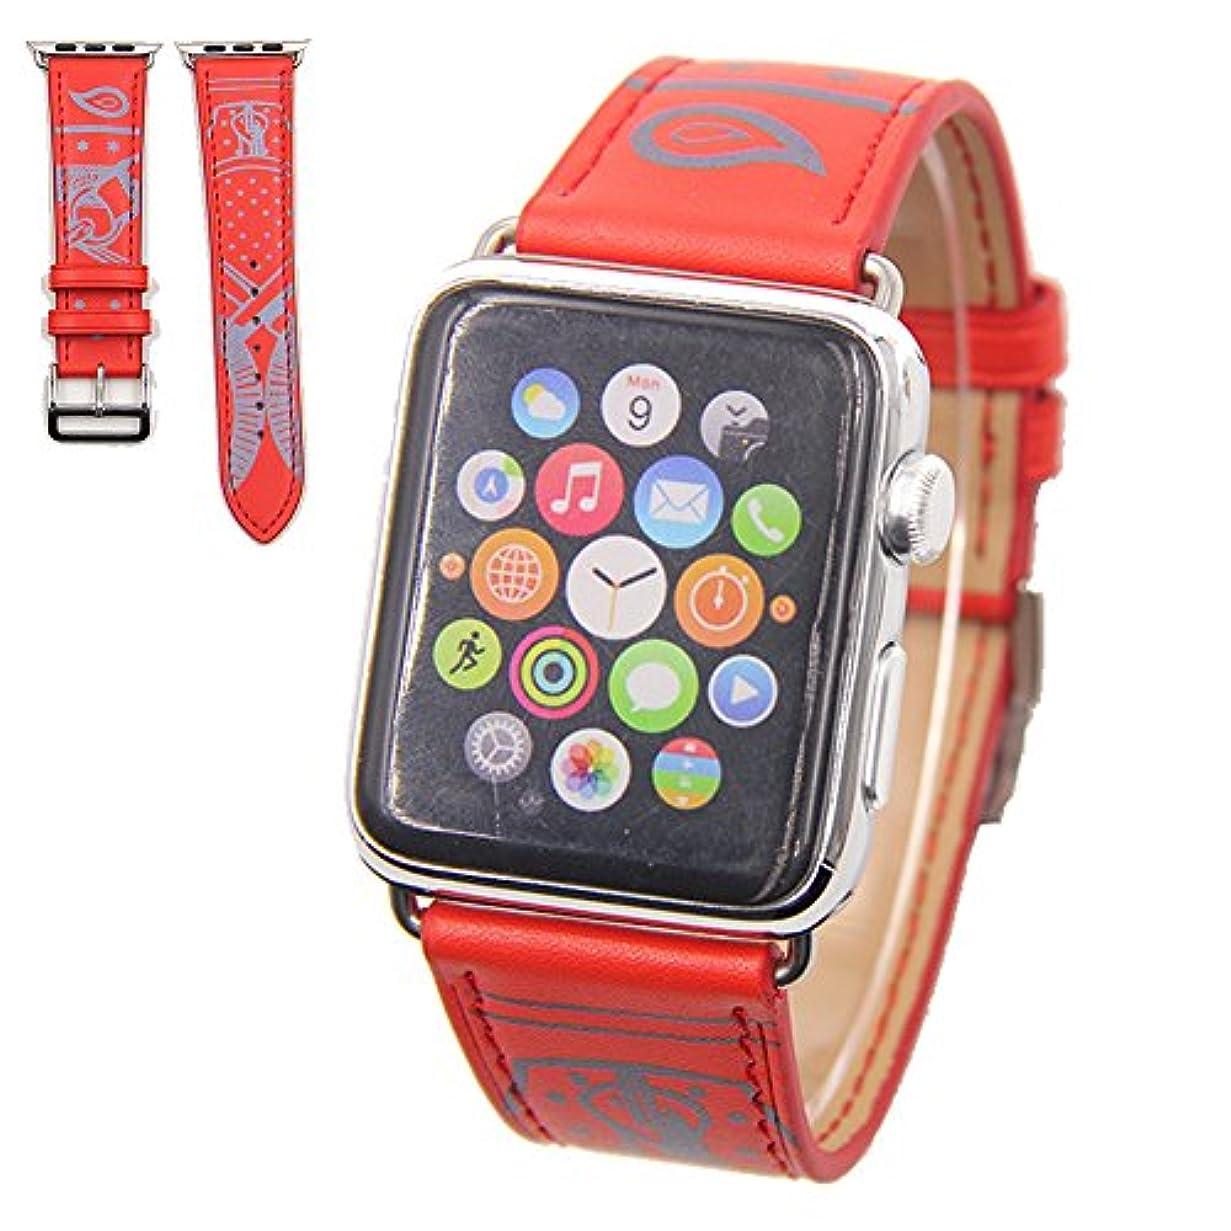 気づかない事業内容調整可能Vicstar Apple watch Series 3 42mm ベルト 交換バンド Apple watch 3 ベルト 高級レザー 本革バンド 金属クラスプ付き 上品 柔らか ビジネス風 脱着簡単 レッド